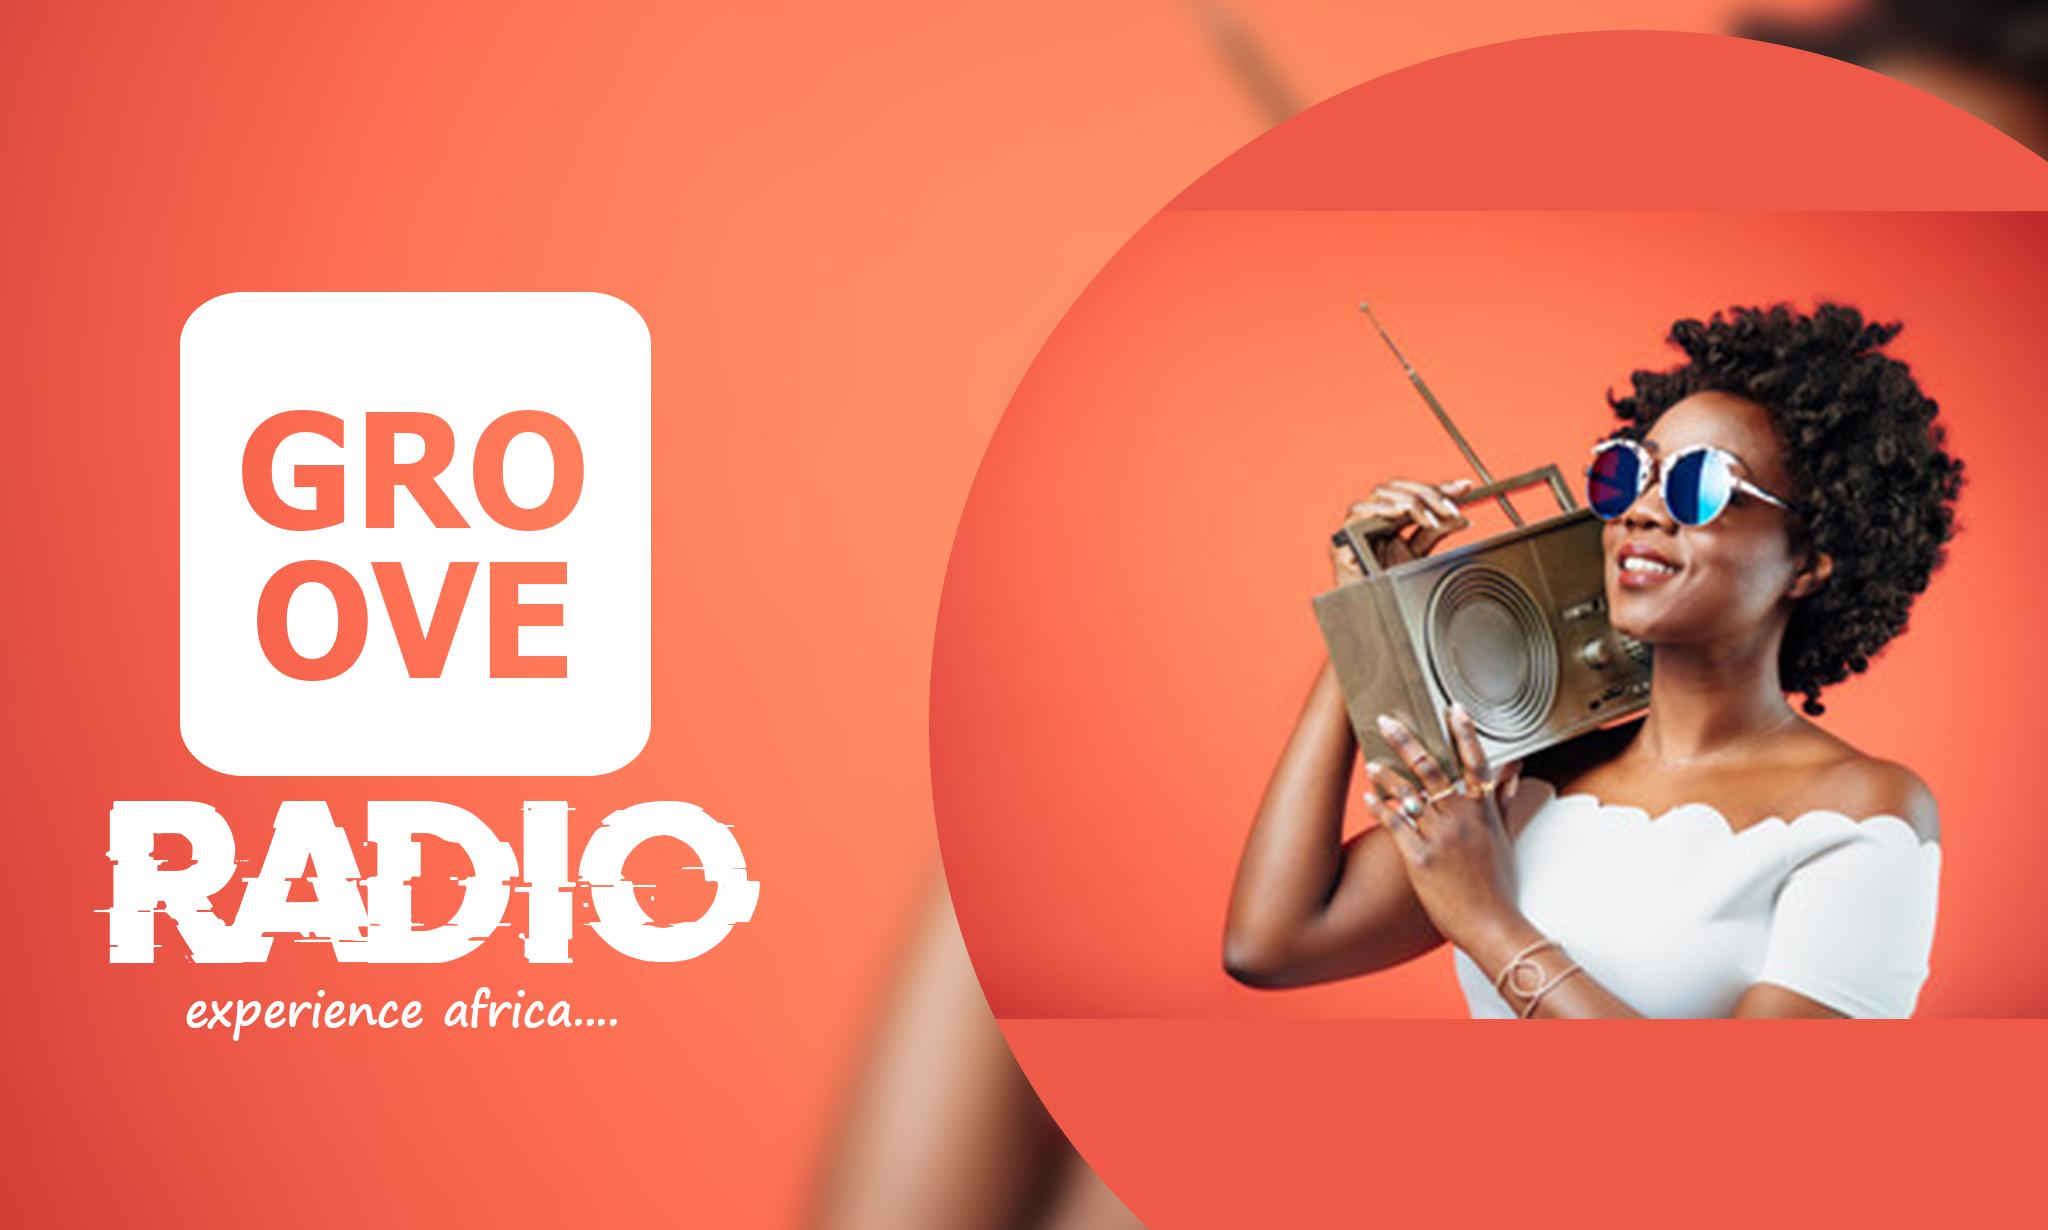 groove radio 2